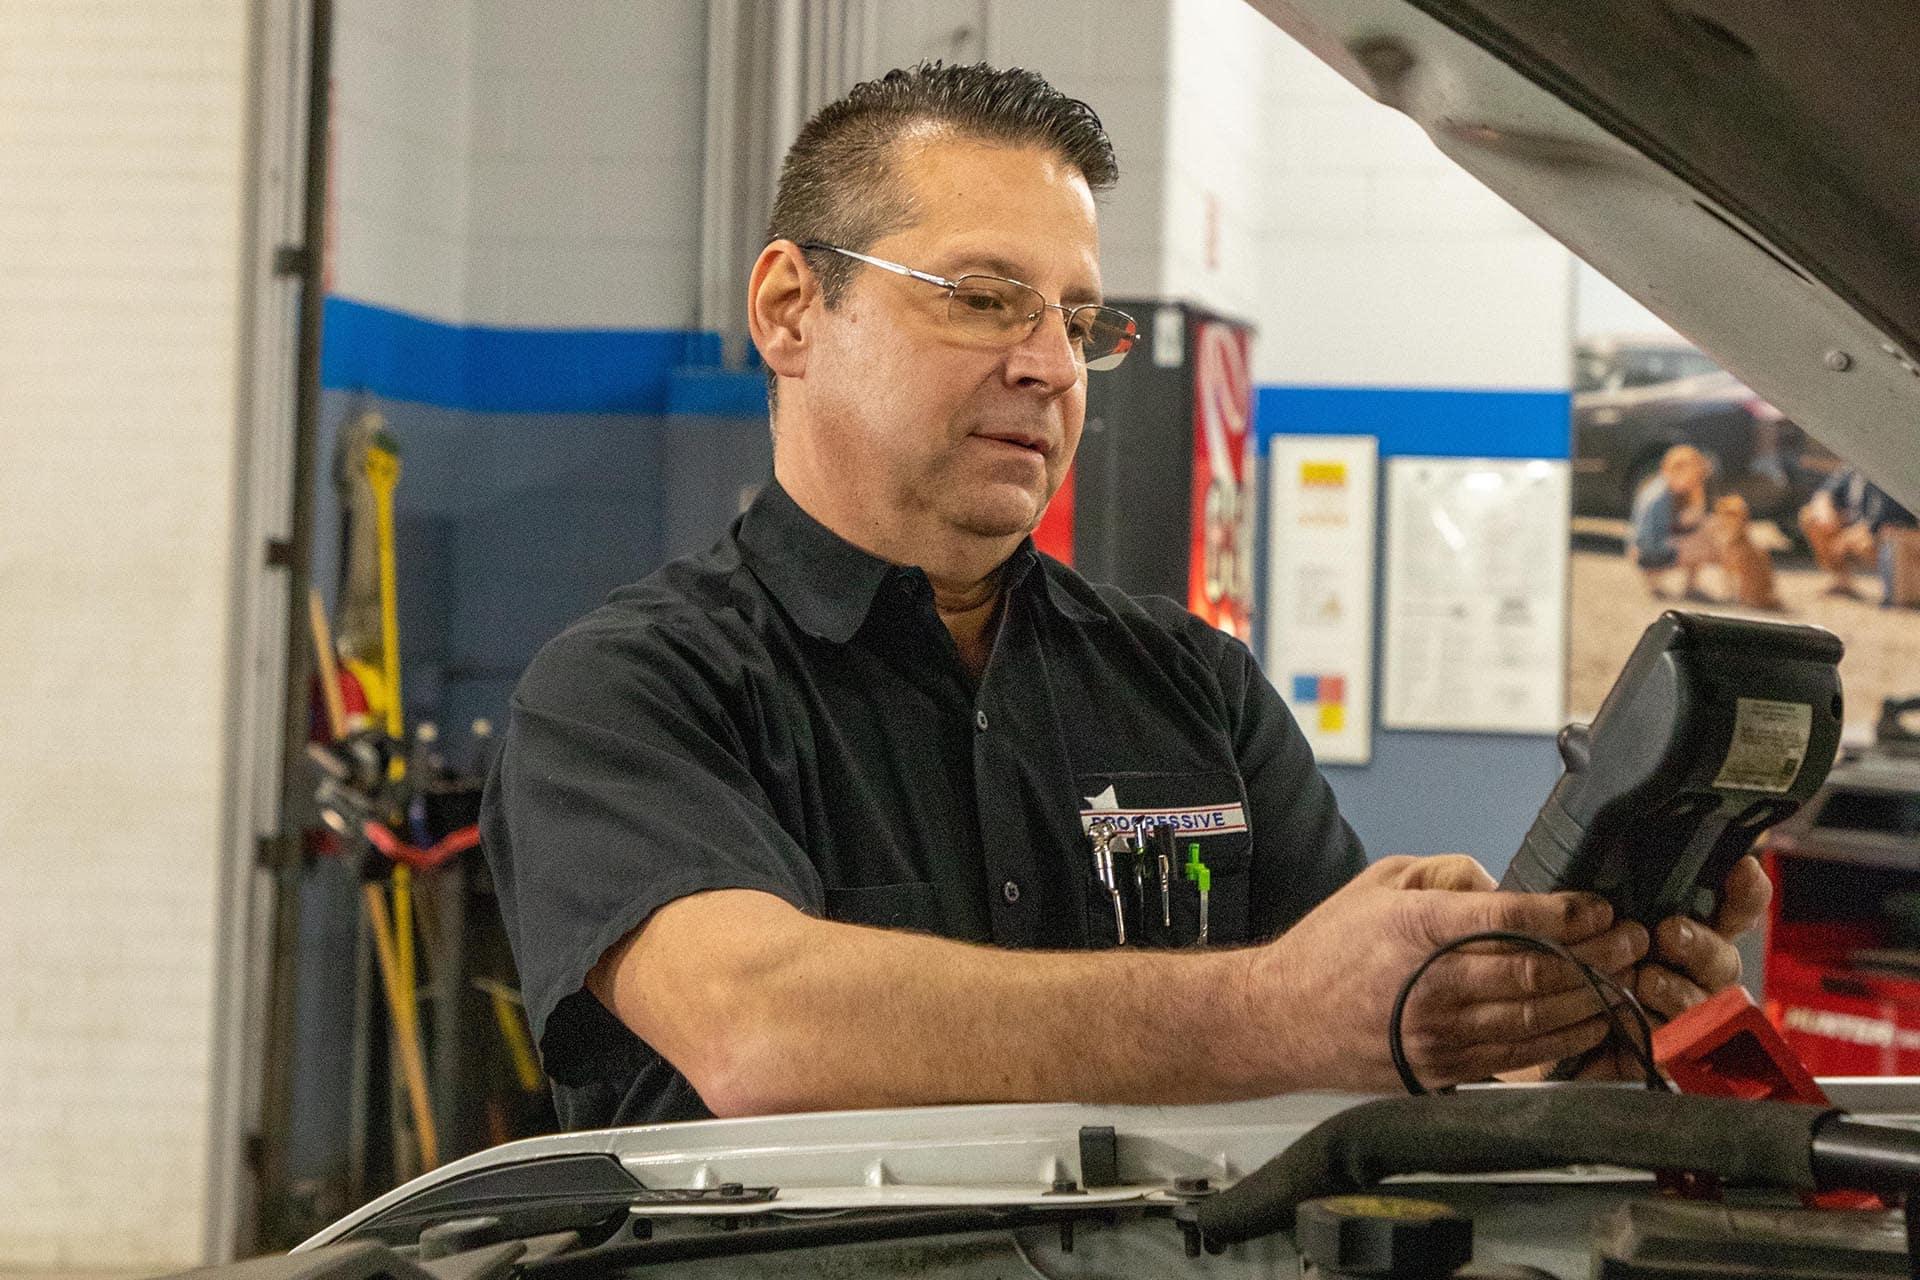 Progressive Chevrolet Service Technician Dan Leone